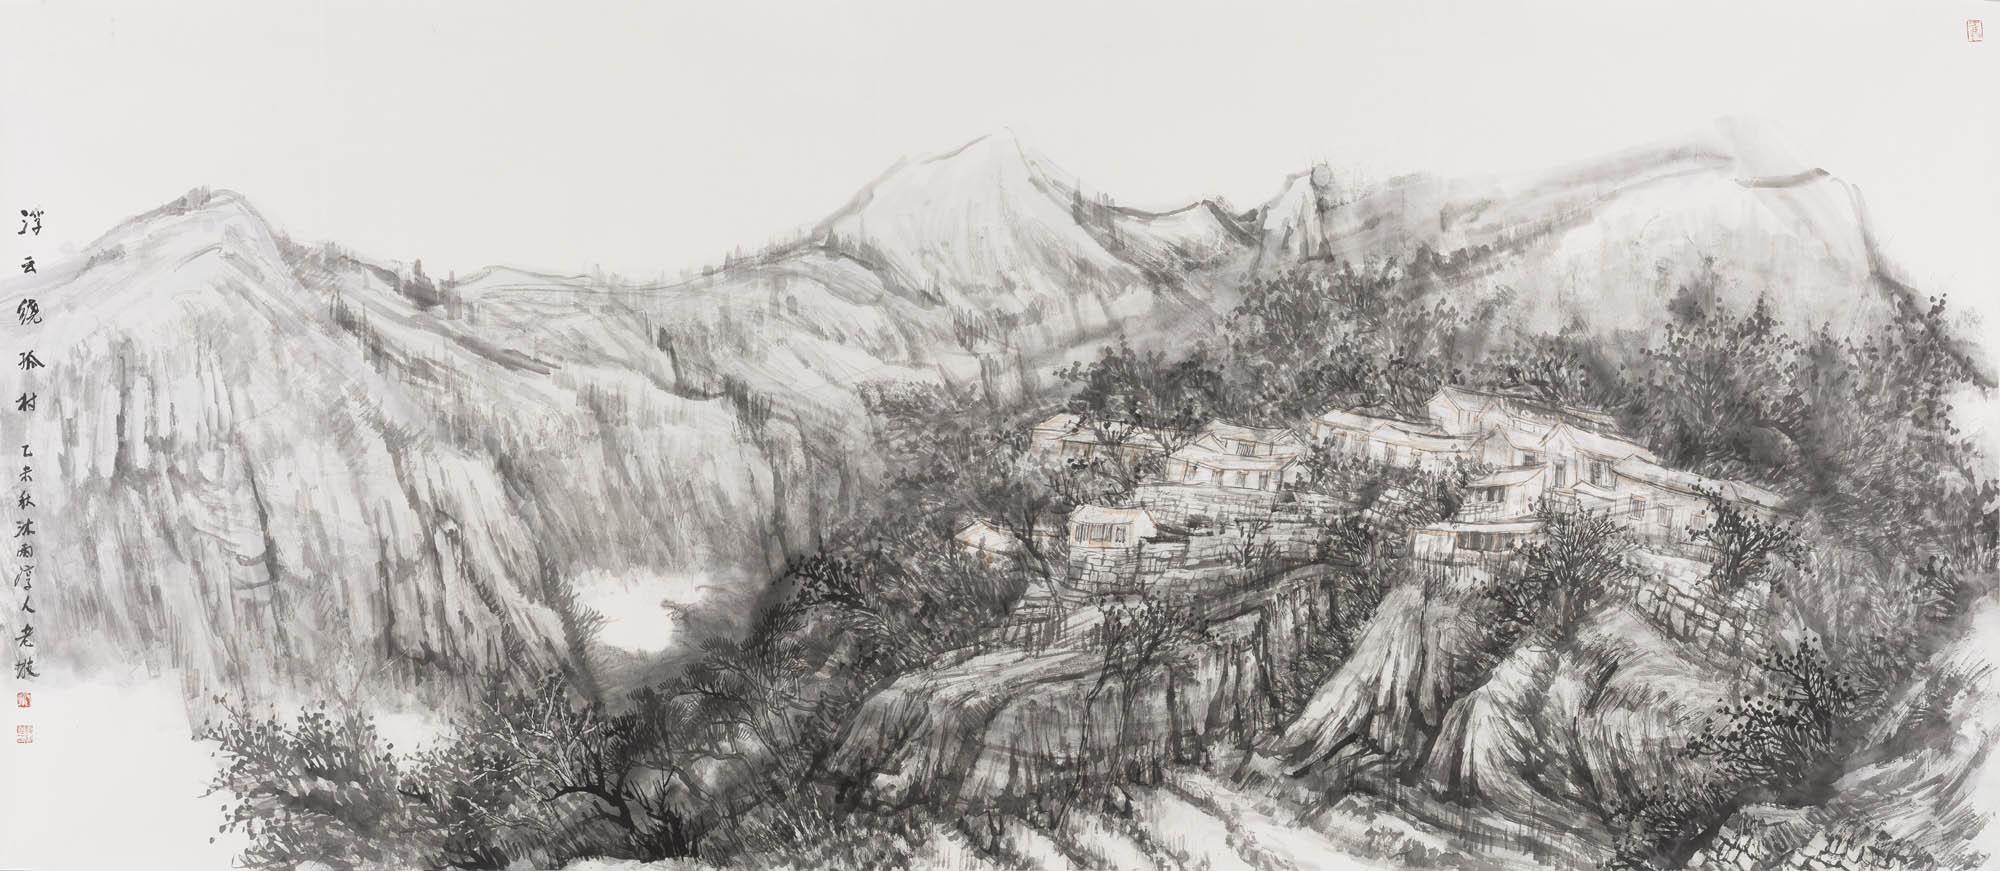 韩敬伟作品浮云绕孤村